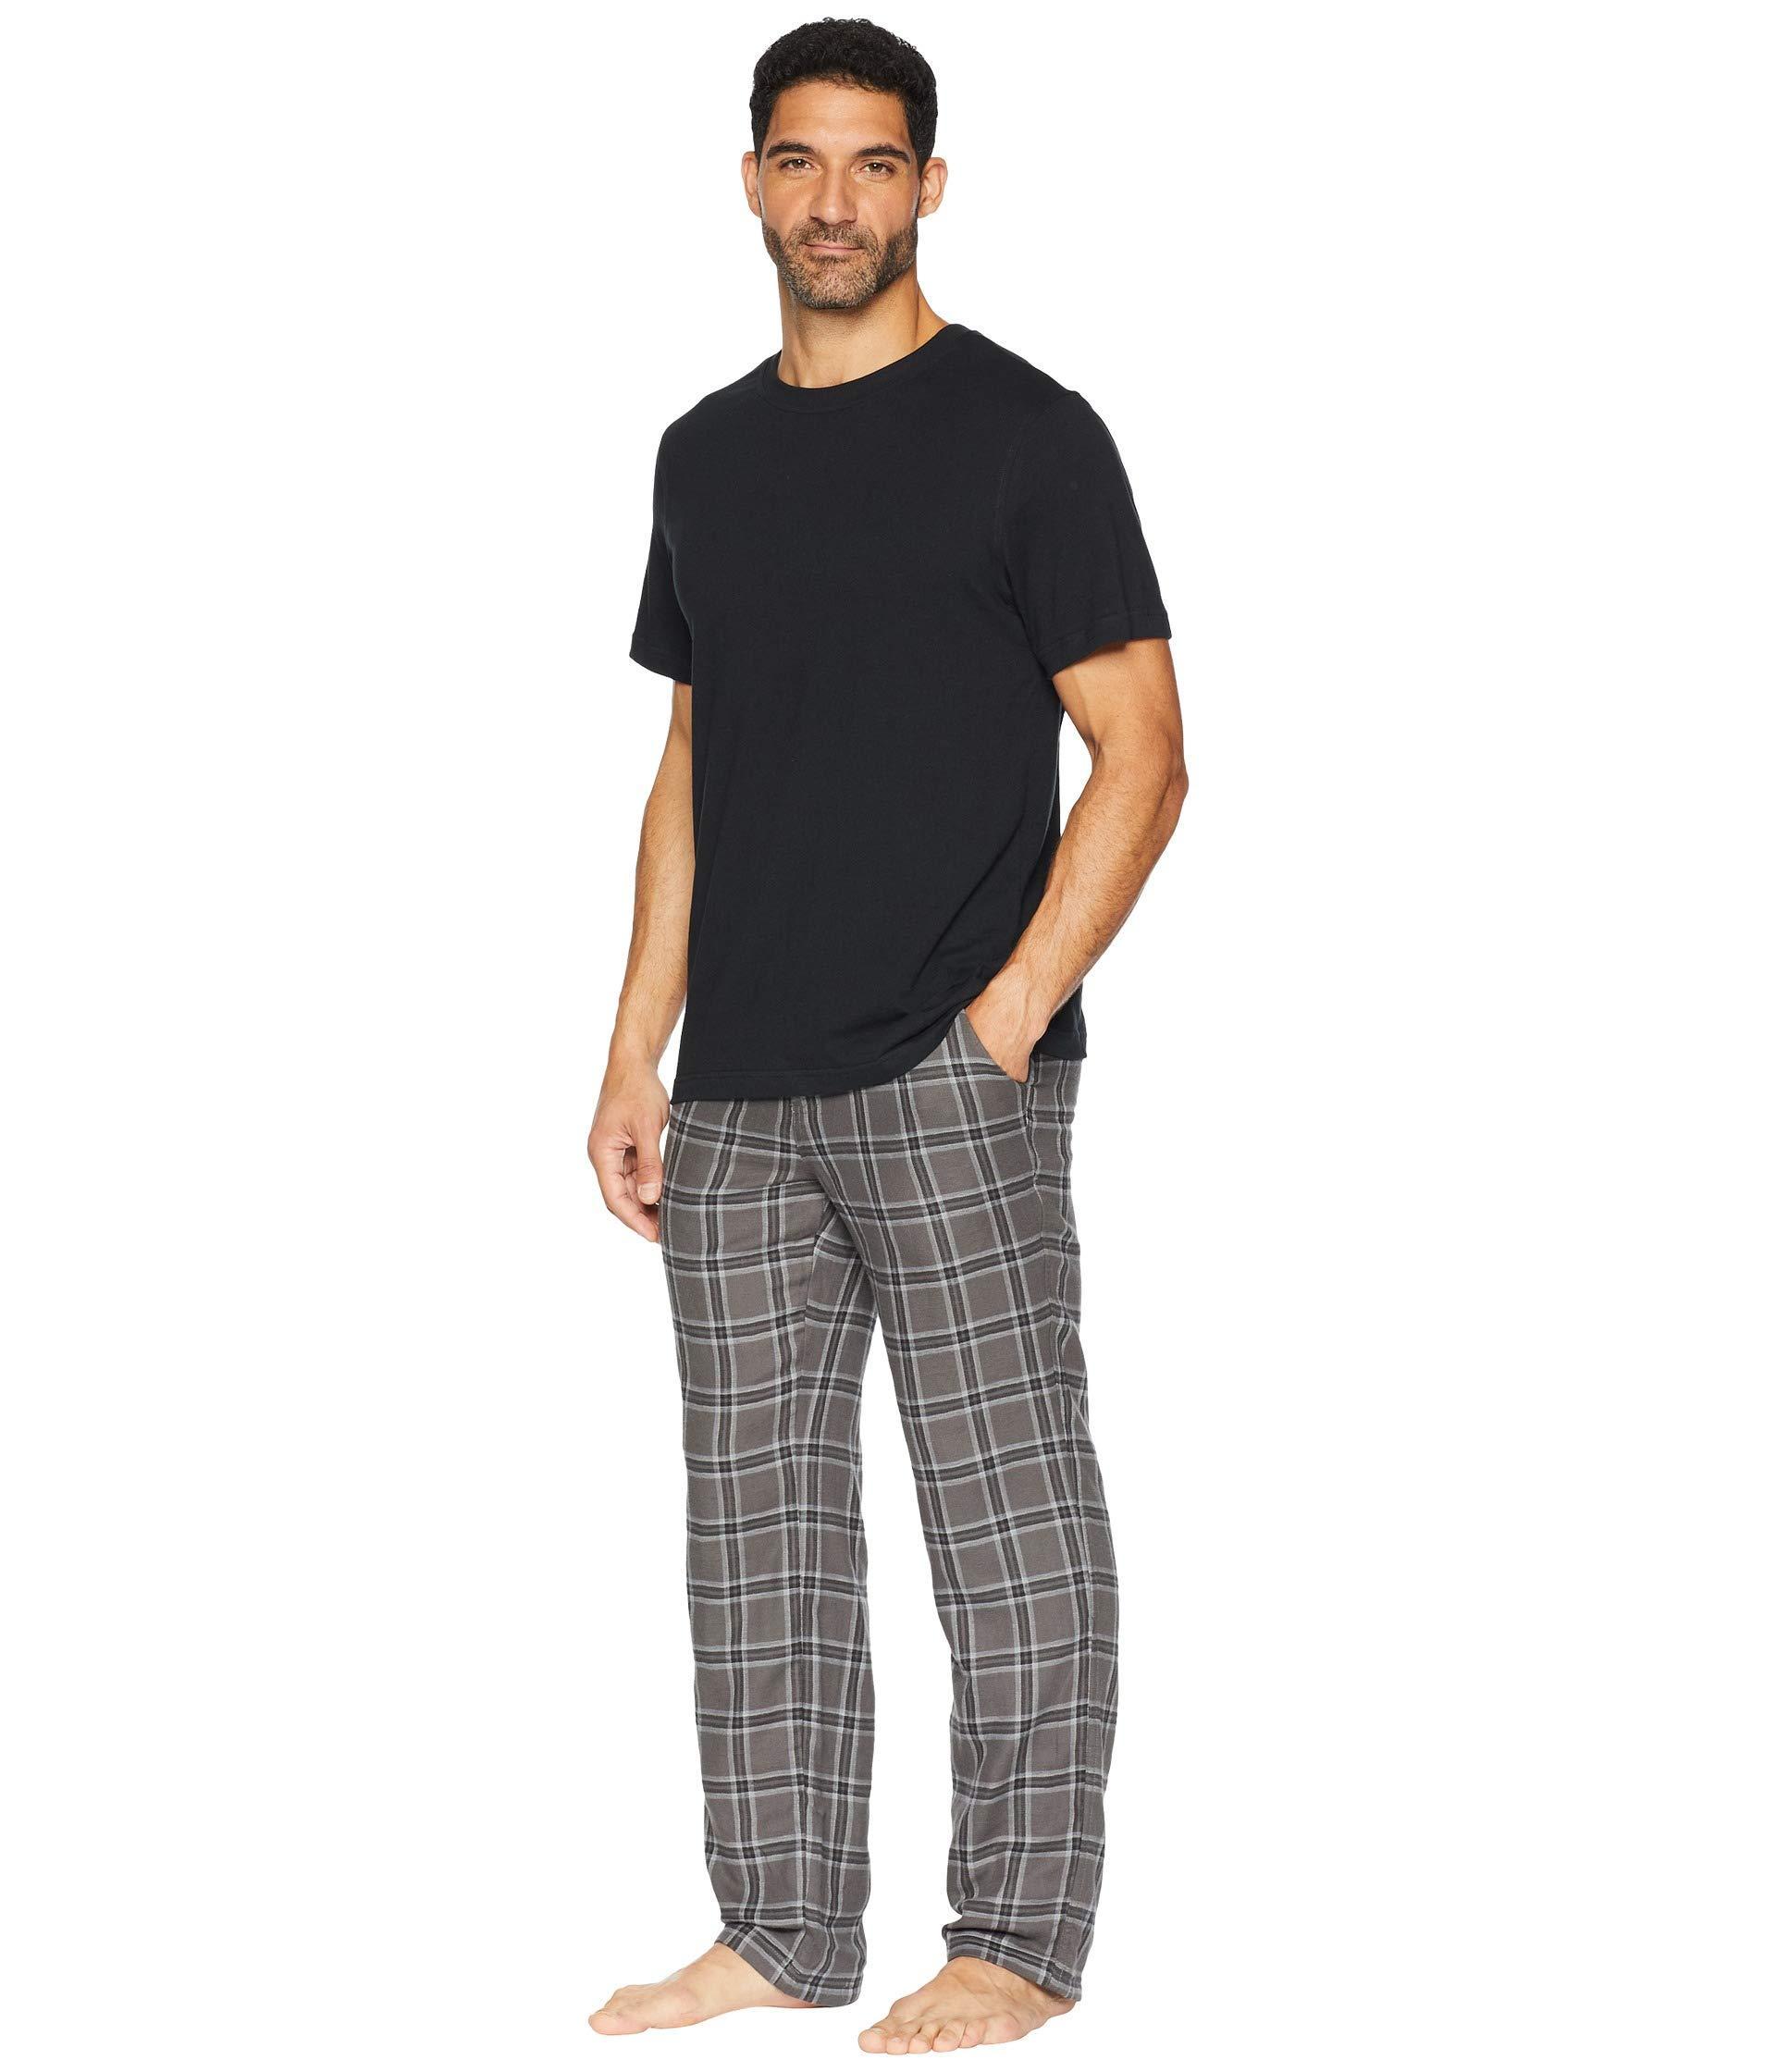 9b39d76379 Lyst - Ugg Grant Woven Sleepwear Set in Black for Men